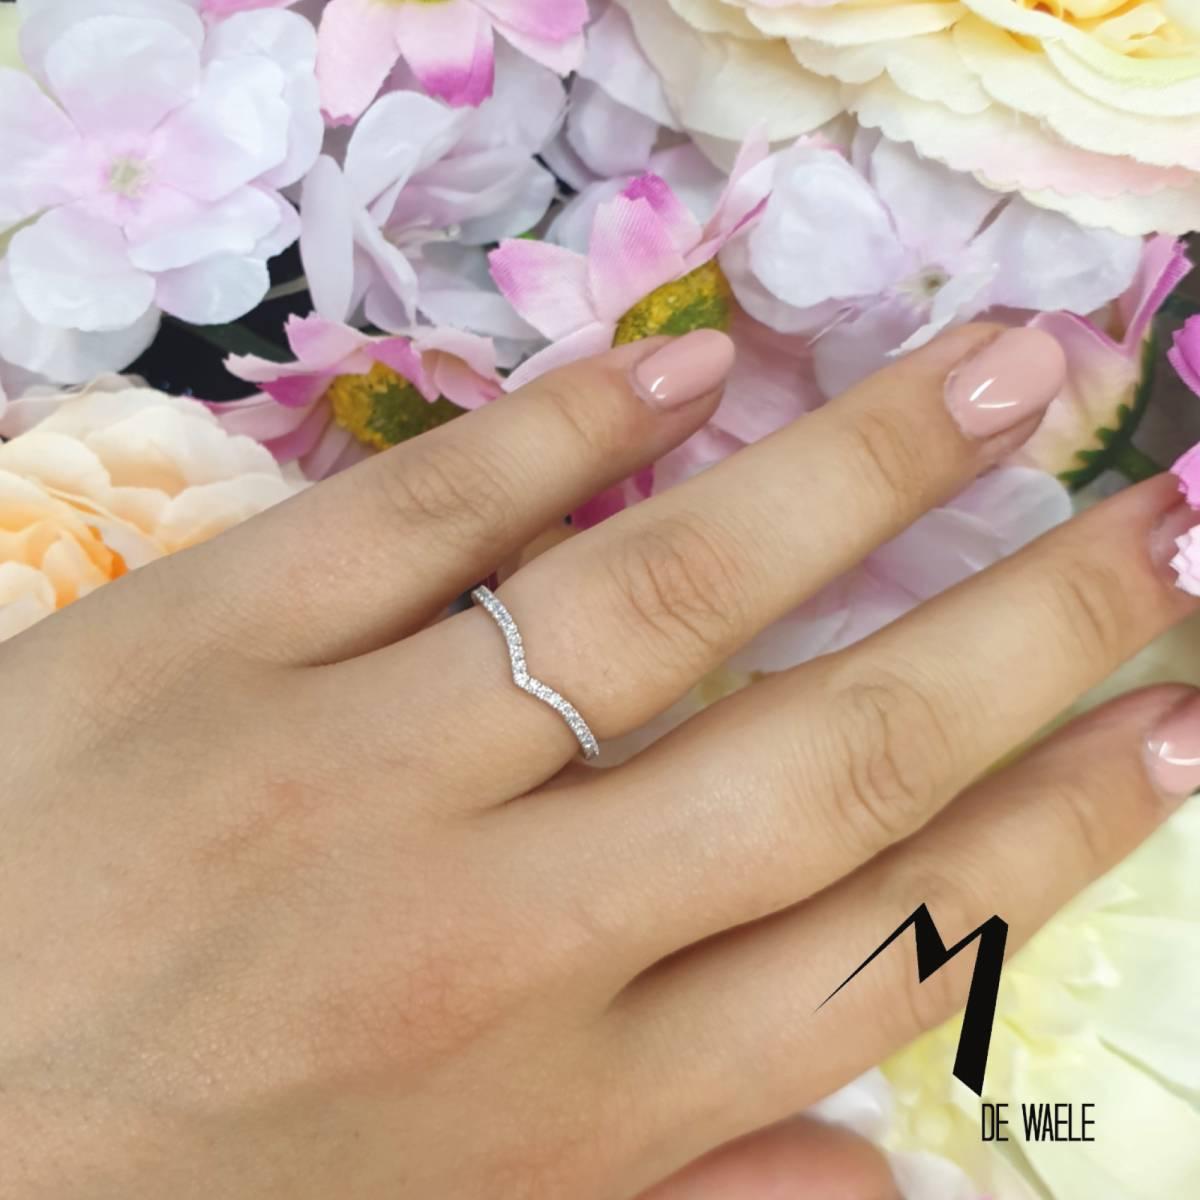 Juwelen-De-Waele-Juwelen-House-of-Weddings-_4_